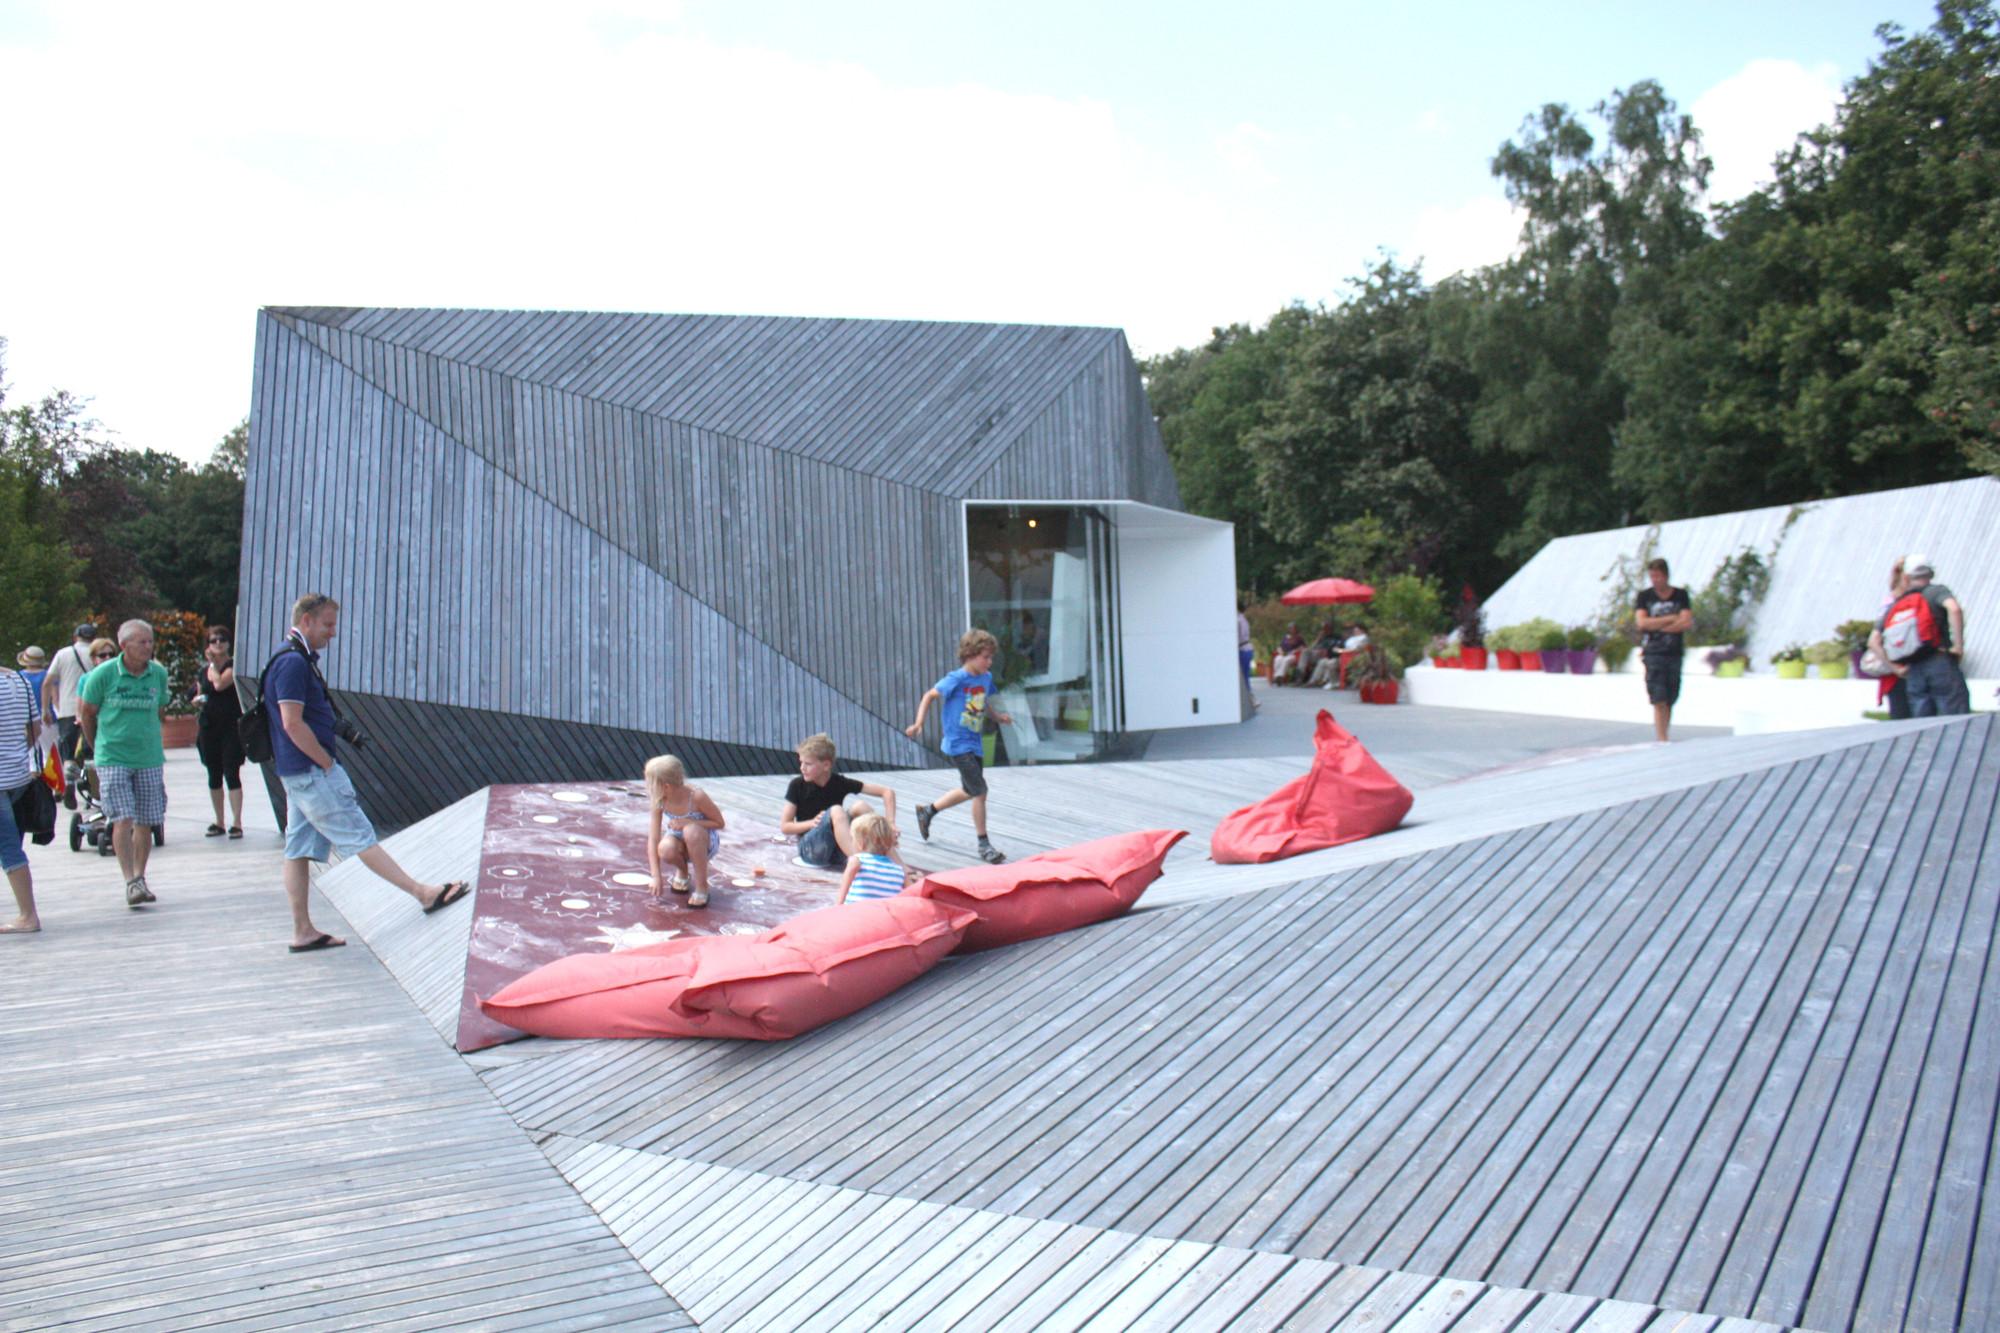 The north rhine westphalia contribution floriade 2012 - Rmp landschaftsarchitekten ...